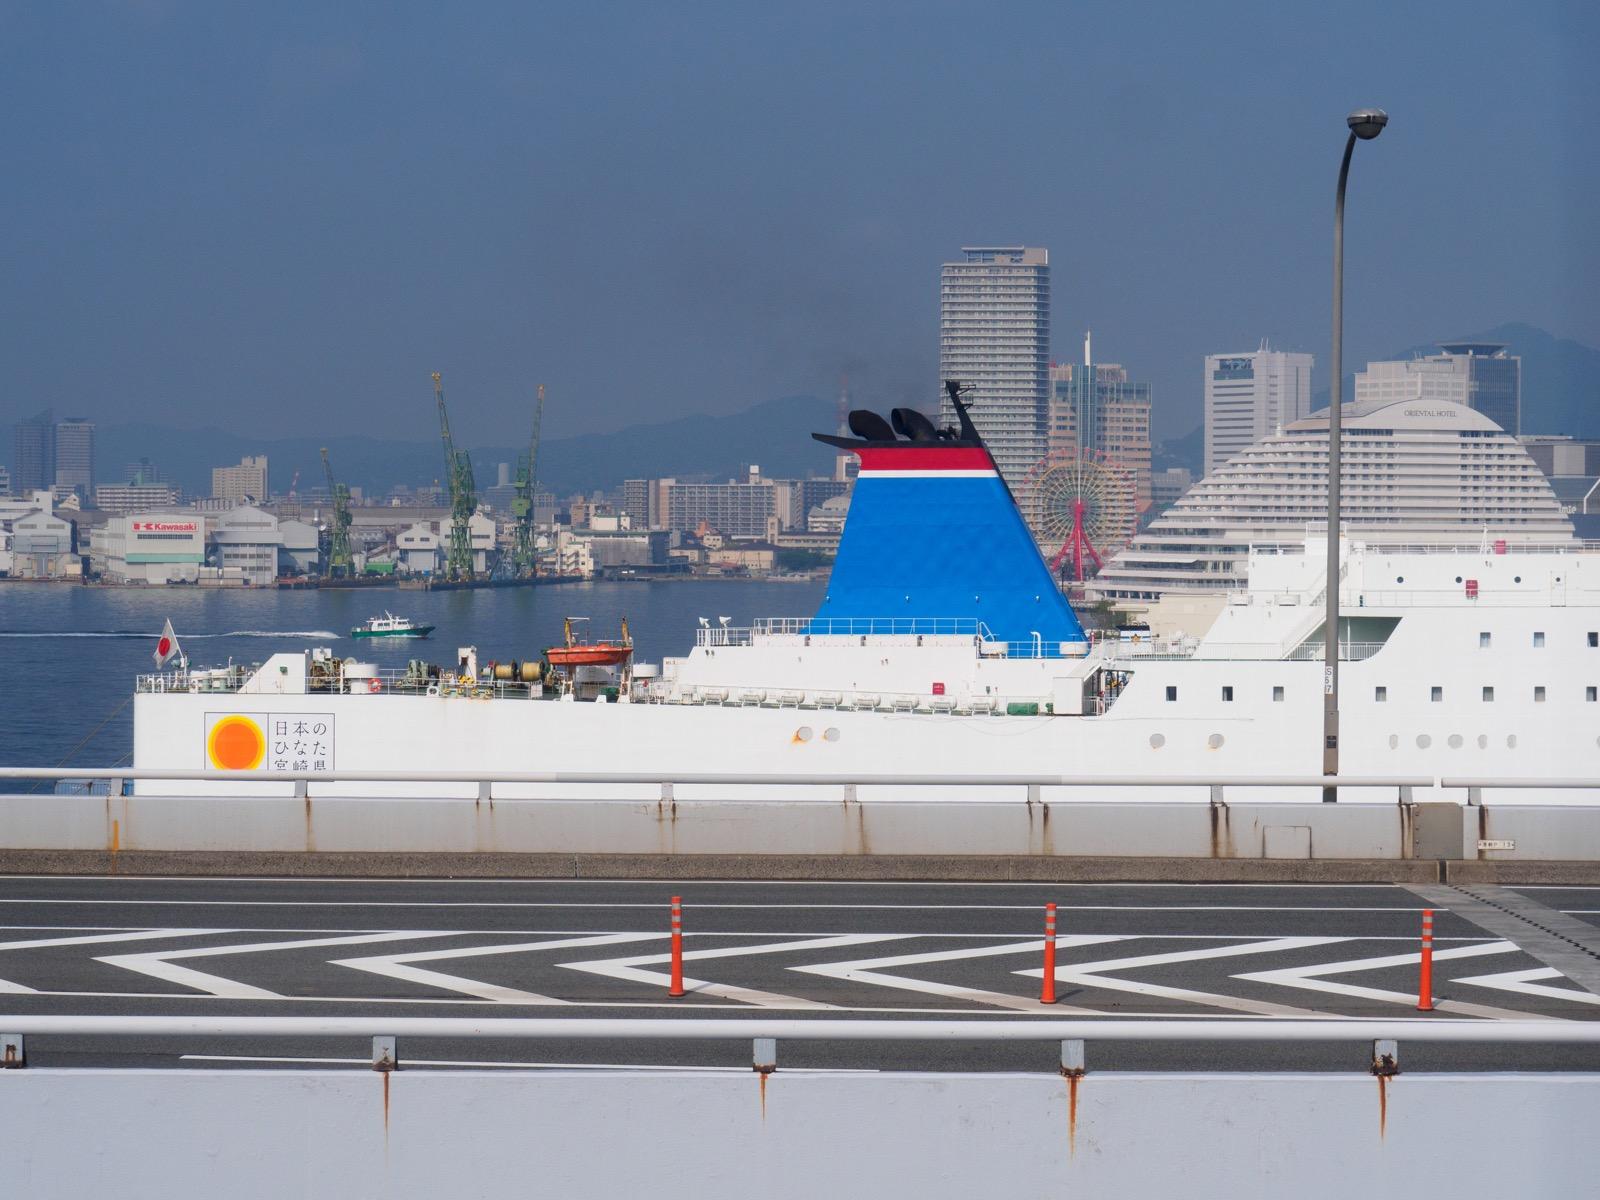 ポートターミナル駅から見える宮崎カーフェリー